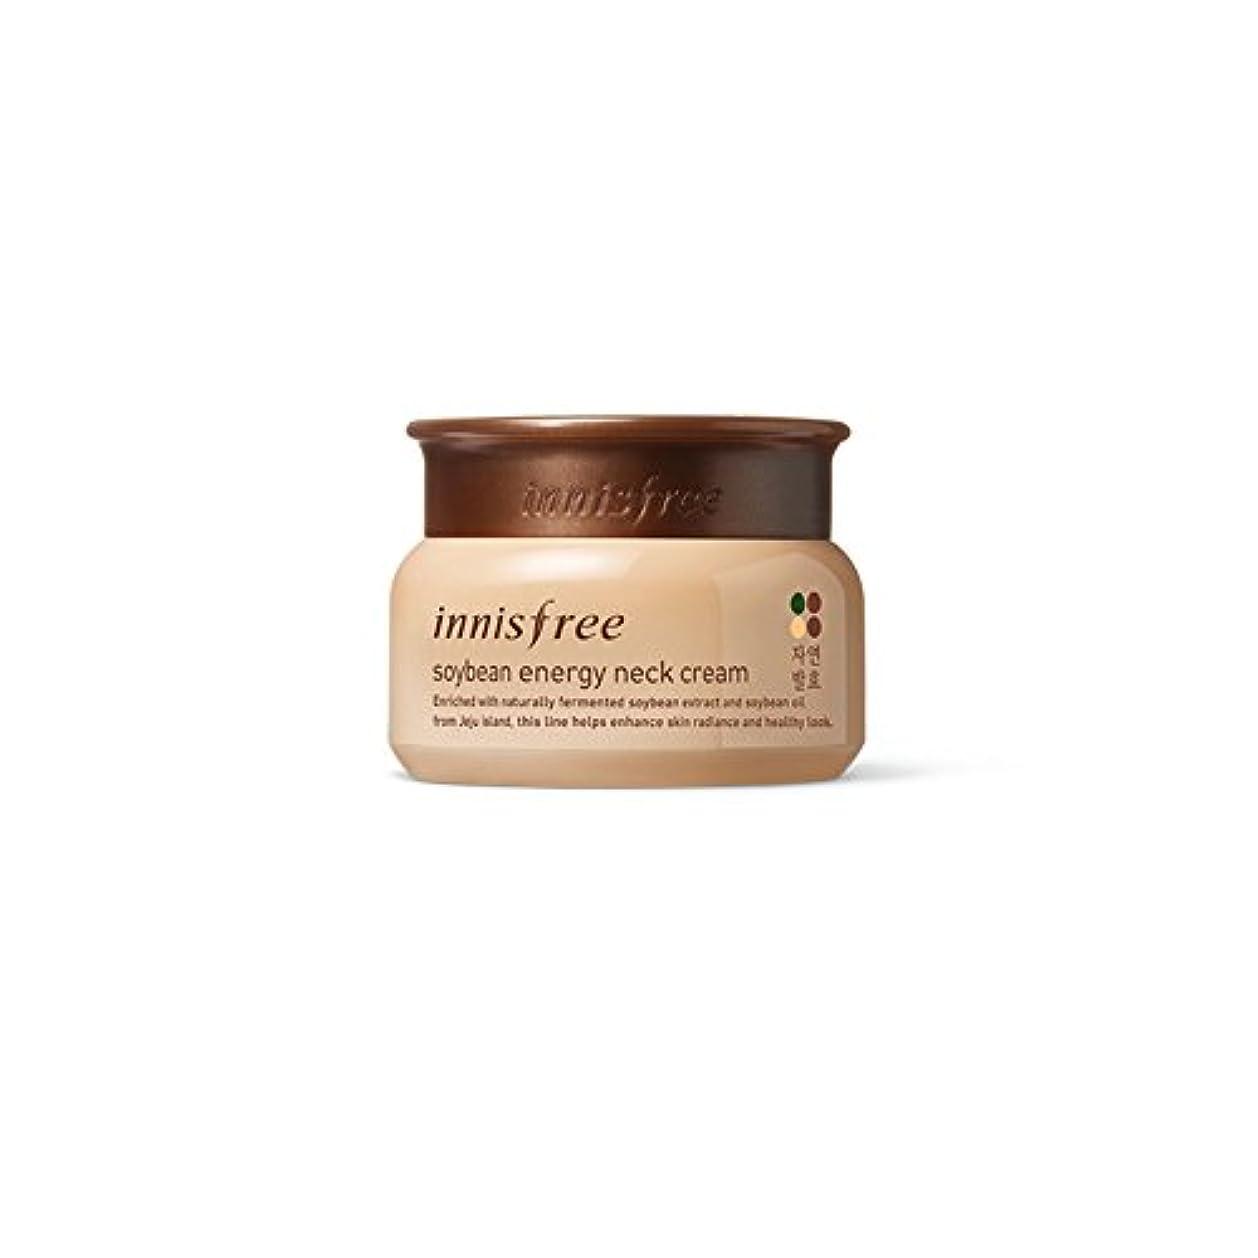 屋内で教えシェード[イニスフリー] Innisfree 発酵大豆エネジネッククリーム (80ml) Innisfree Soy Bean Energy Neck Cream (80ml) [海外直送品]